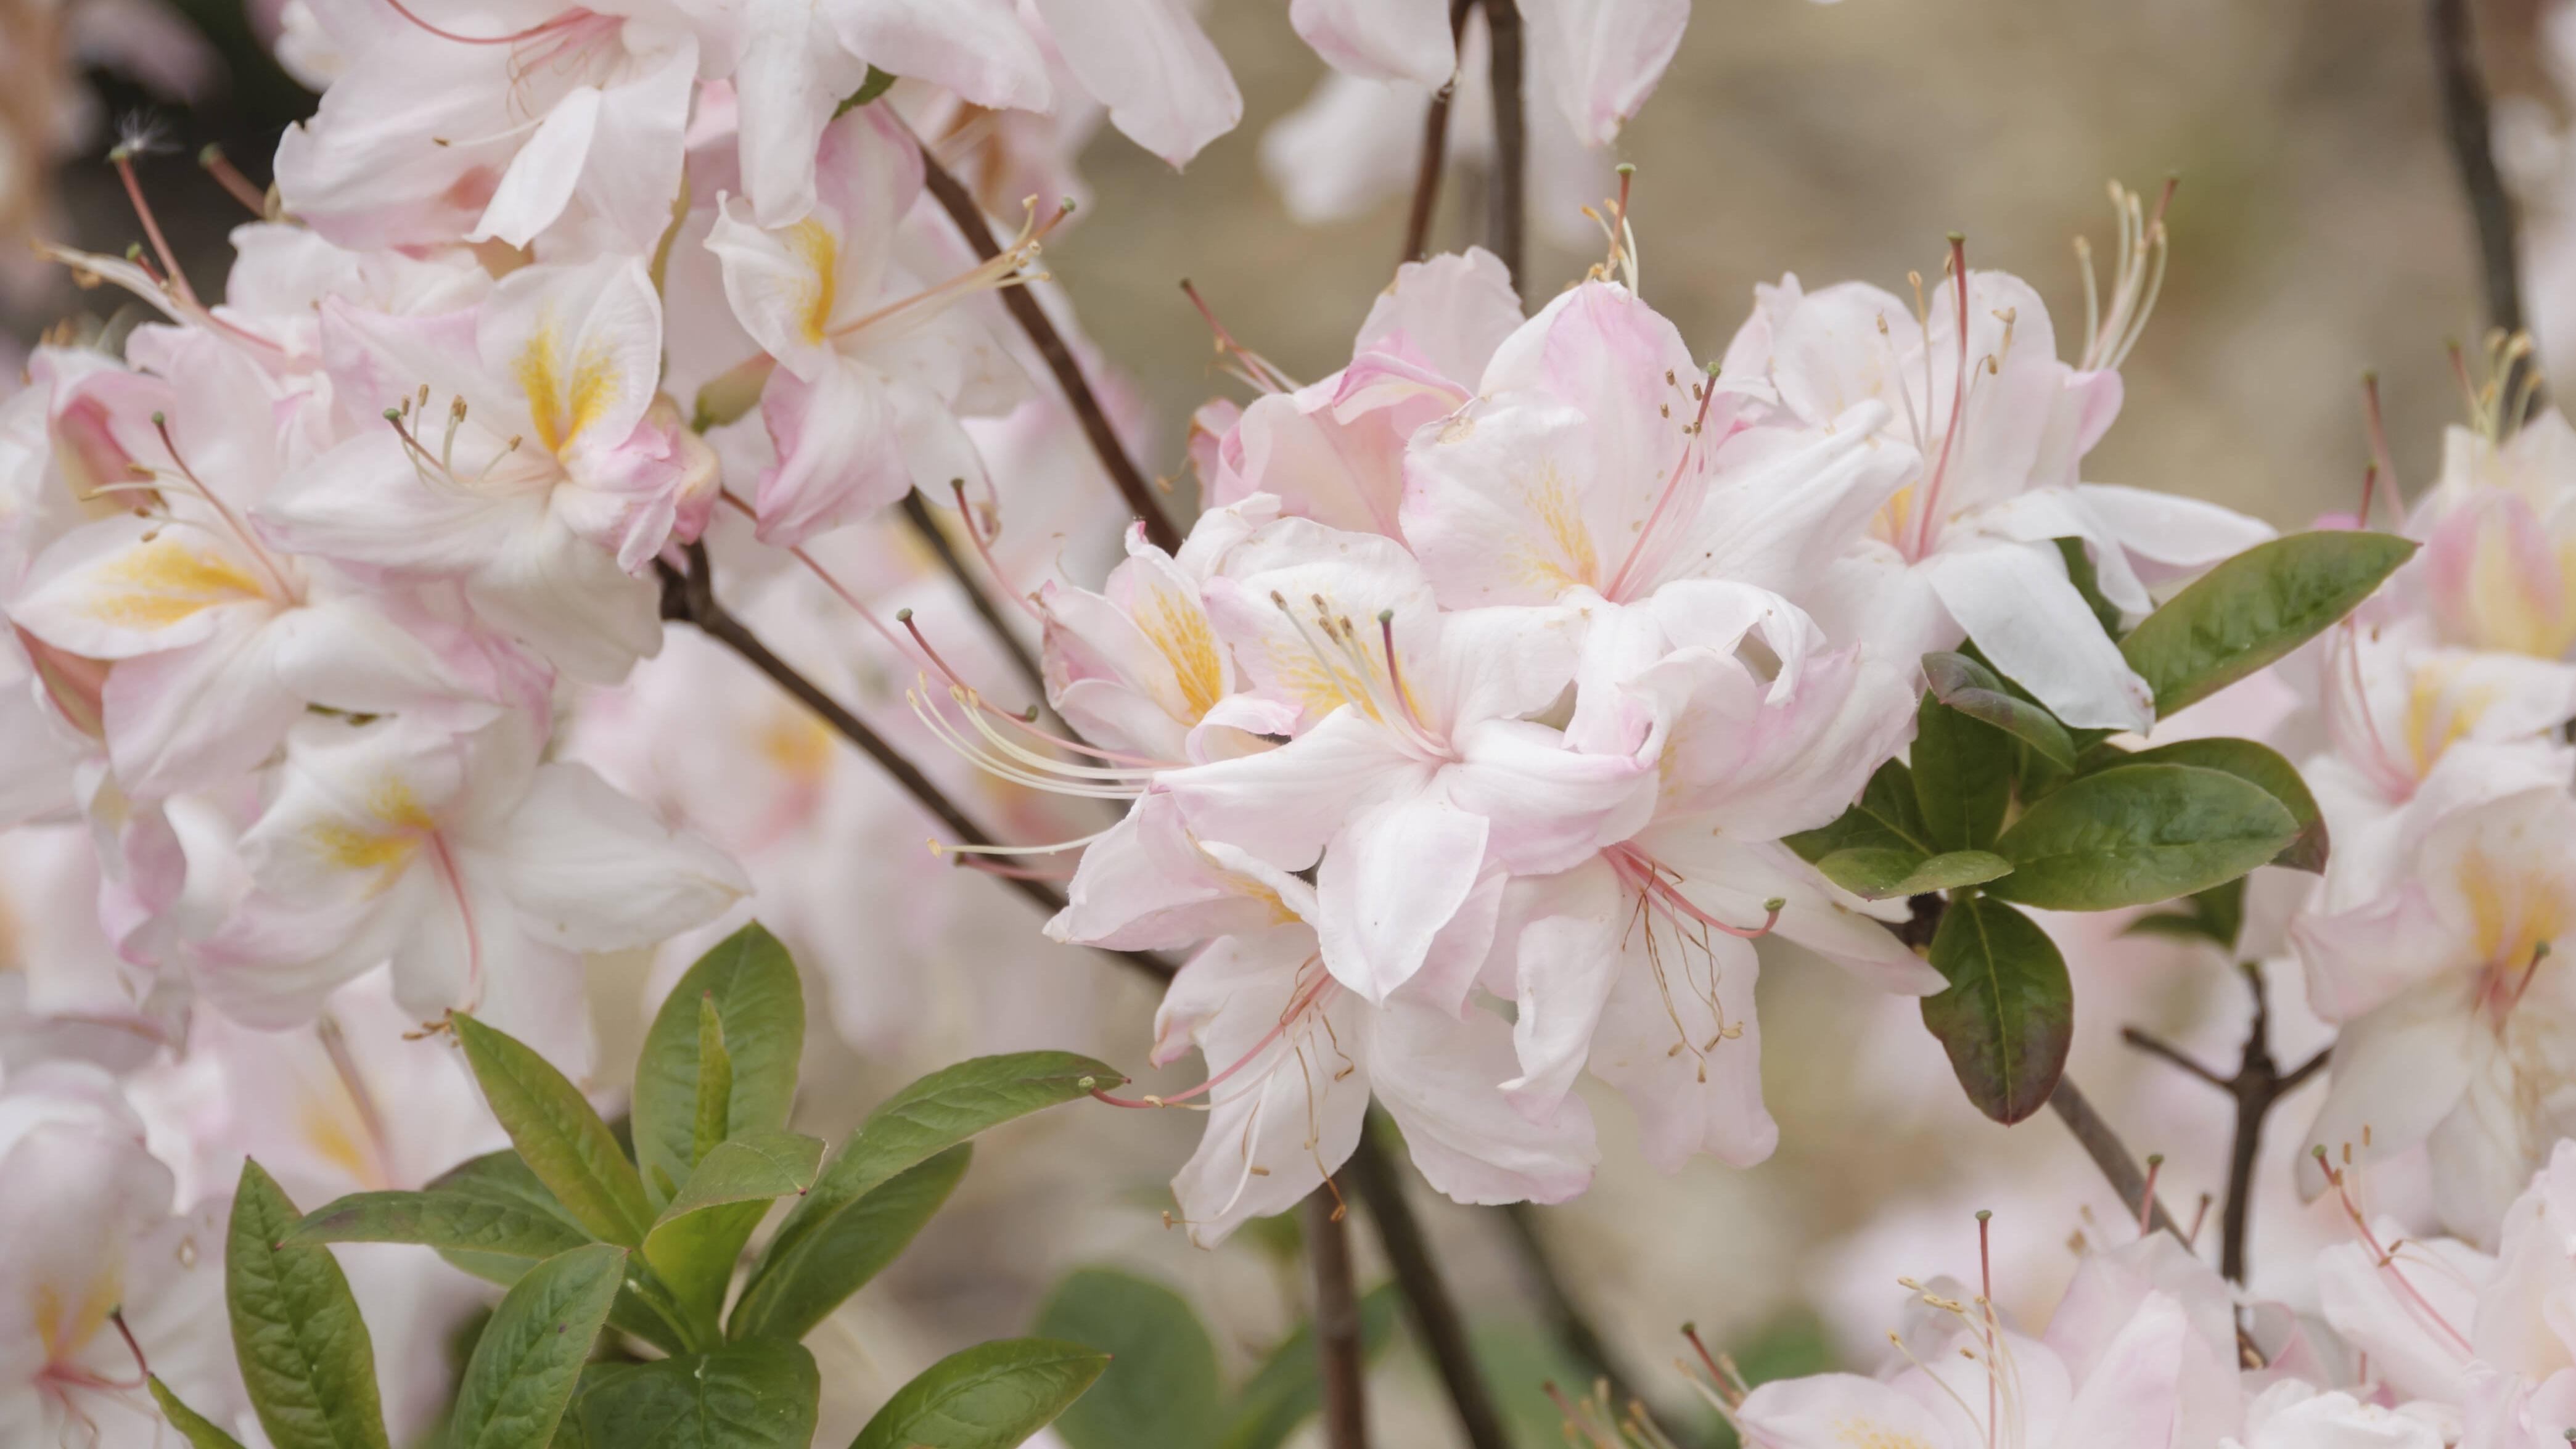 Der Rhododendron ist ebenfalls eine winterharte Pflanze, die Sie auf dem Balkon anpflanzen können.